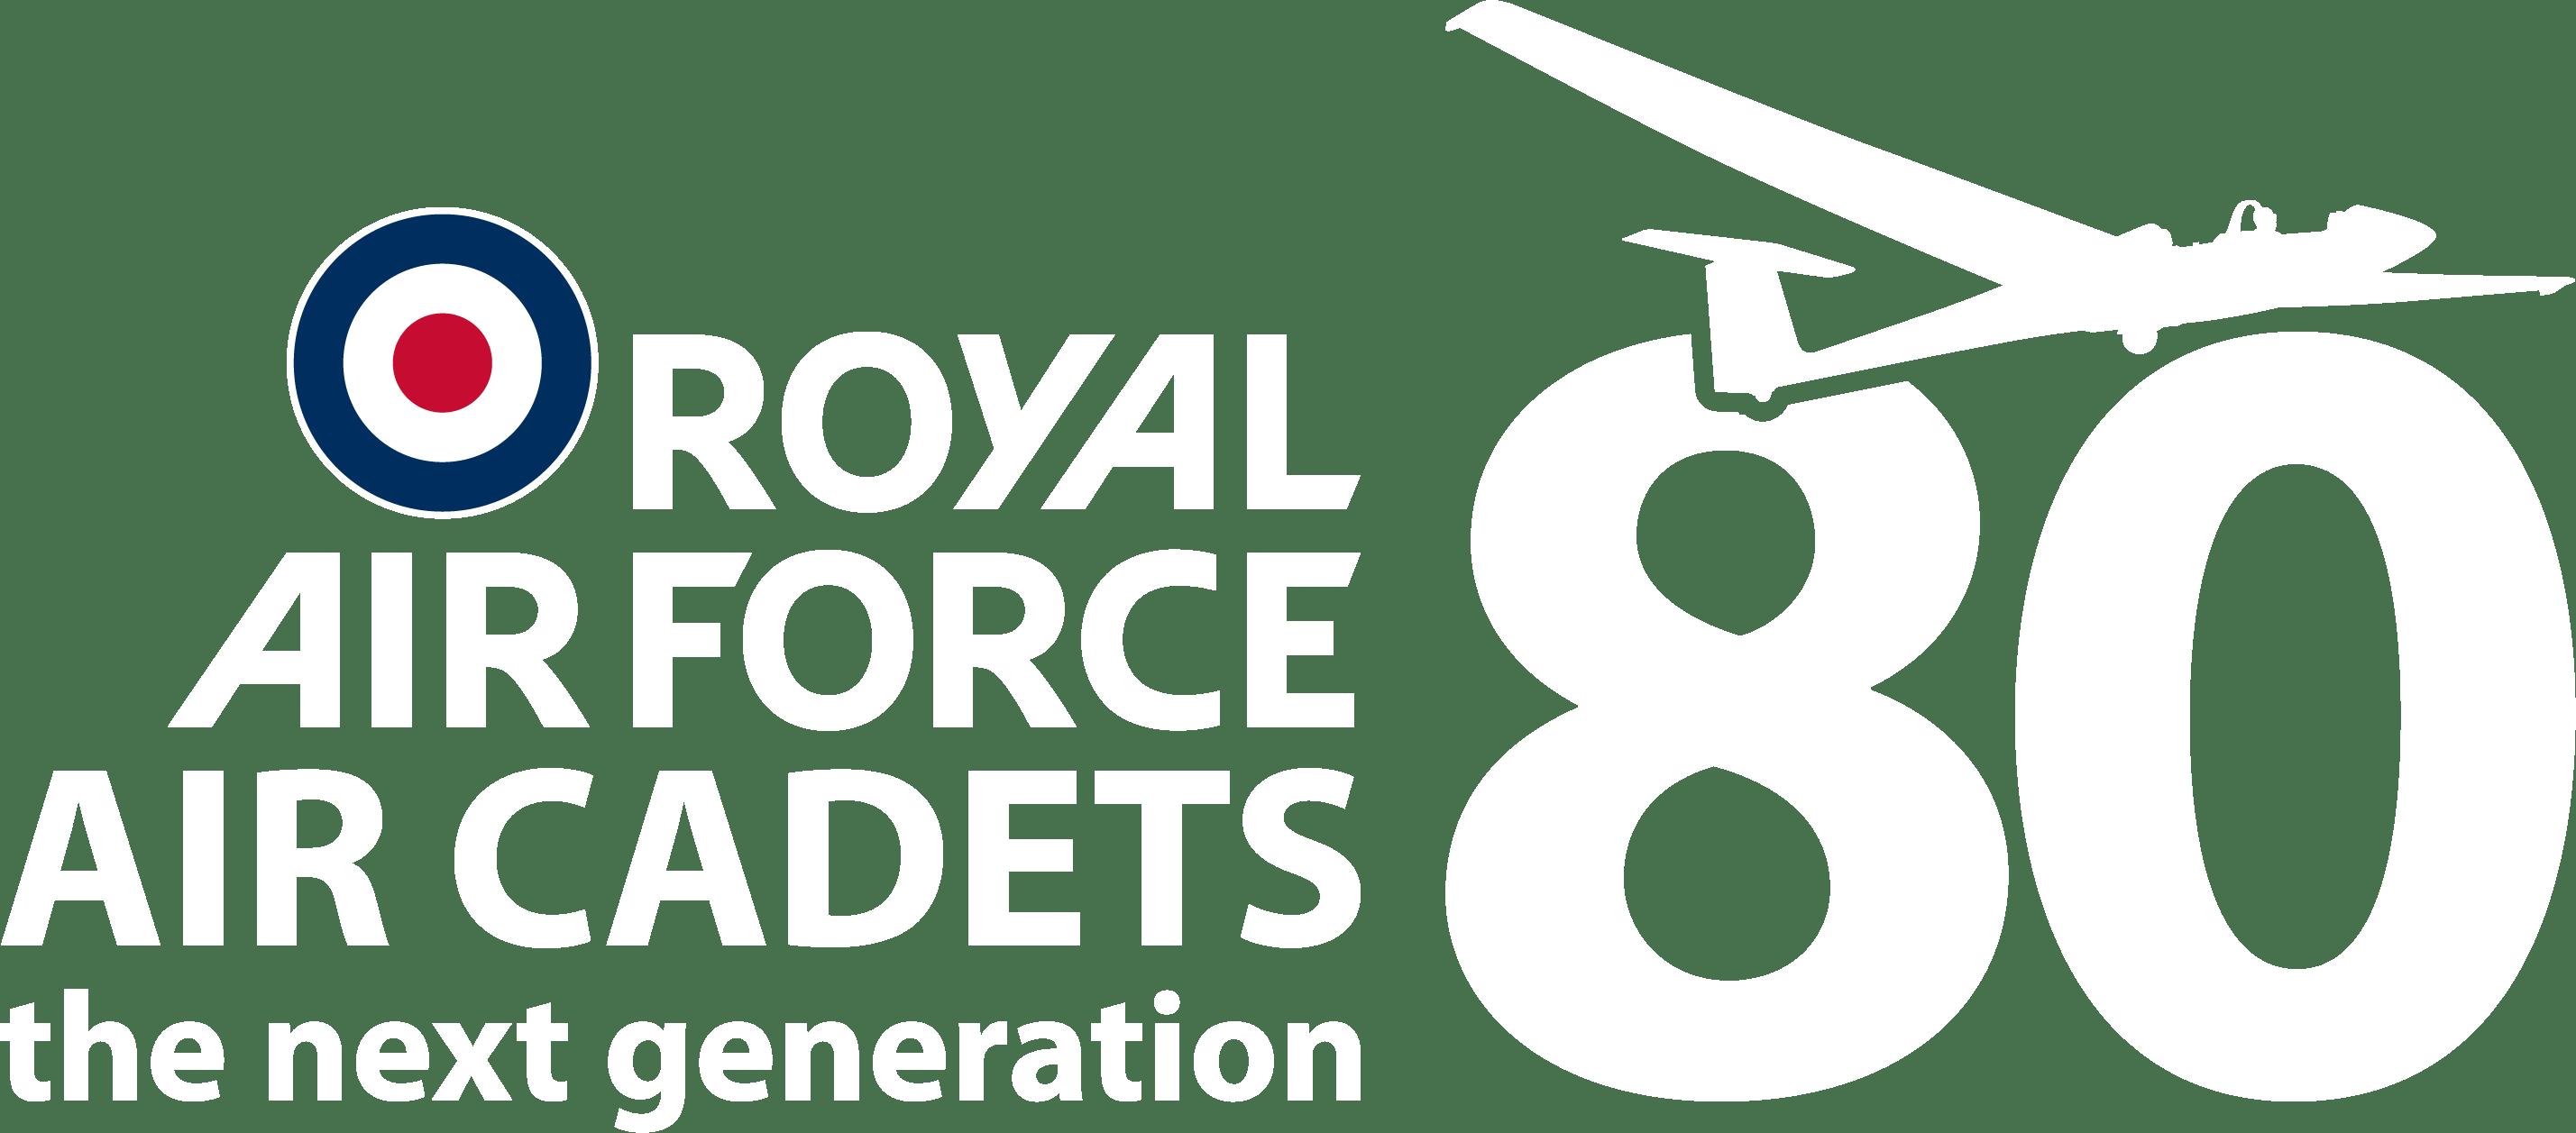 Merseyside Wing Royal Air Force Air Cadets